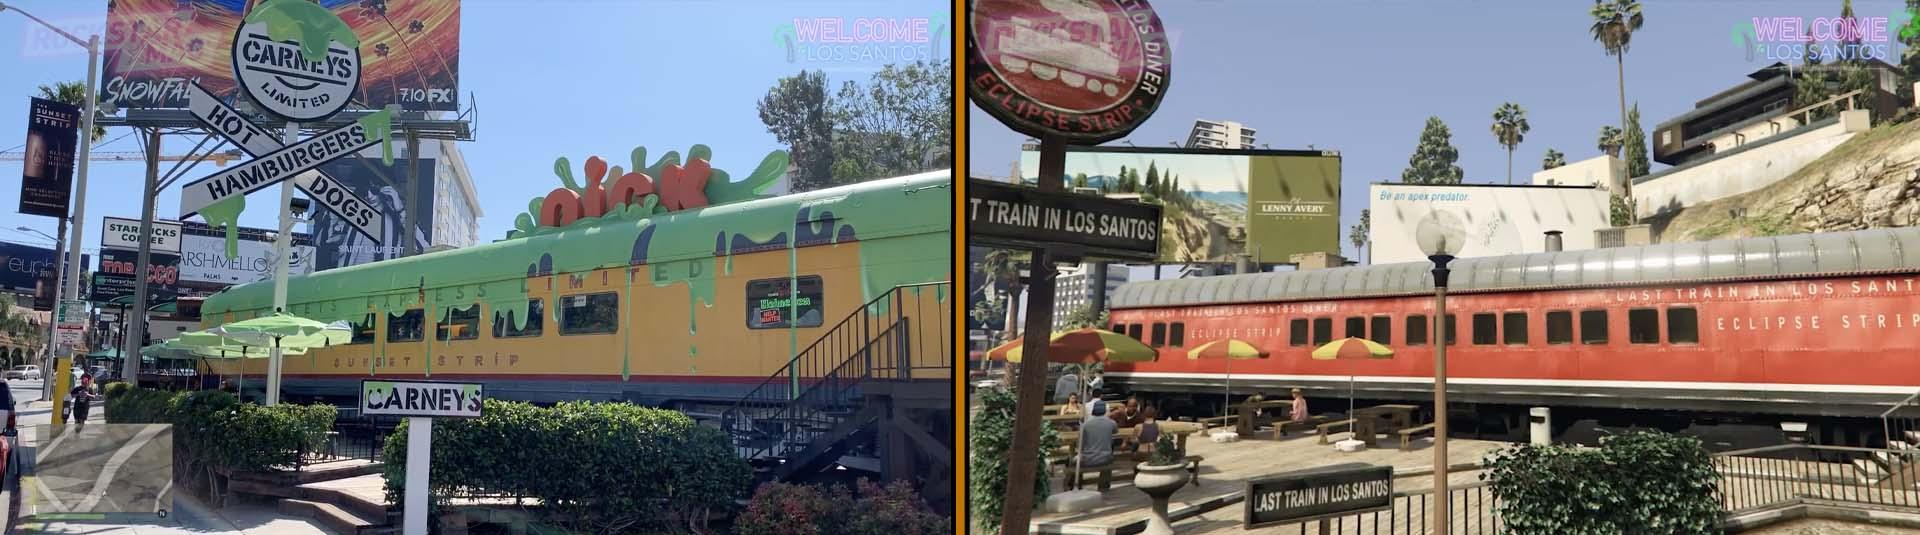 Vinewood 07 : Fast Food Train